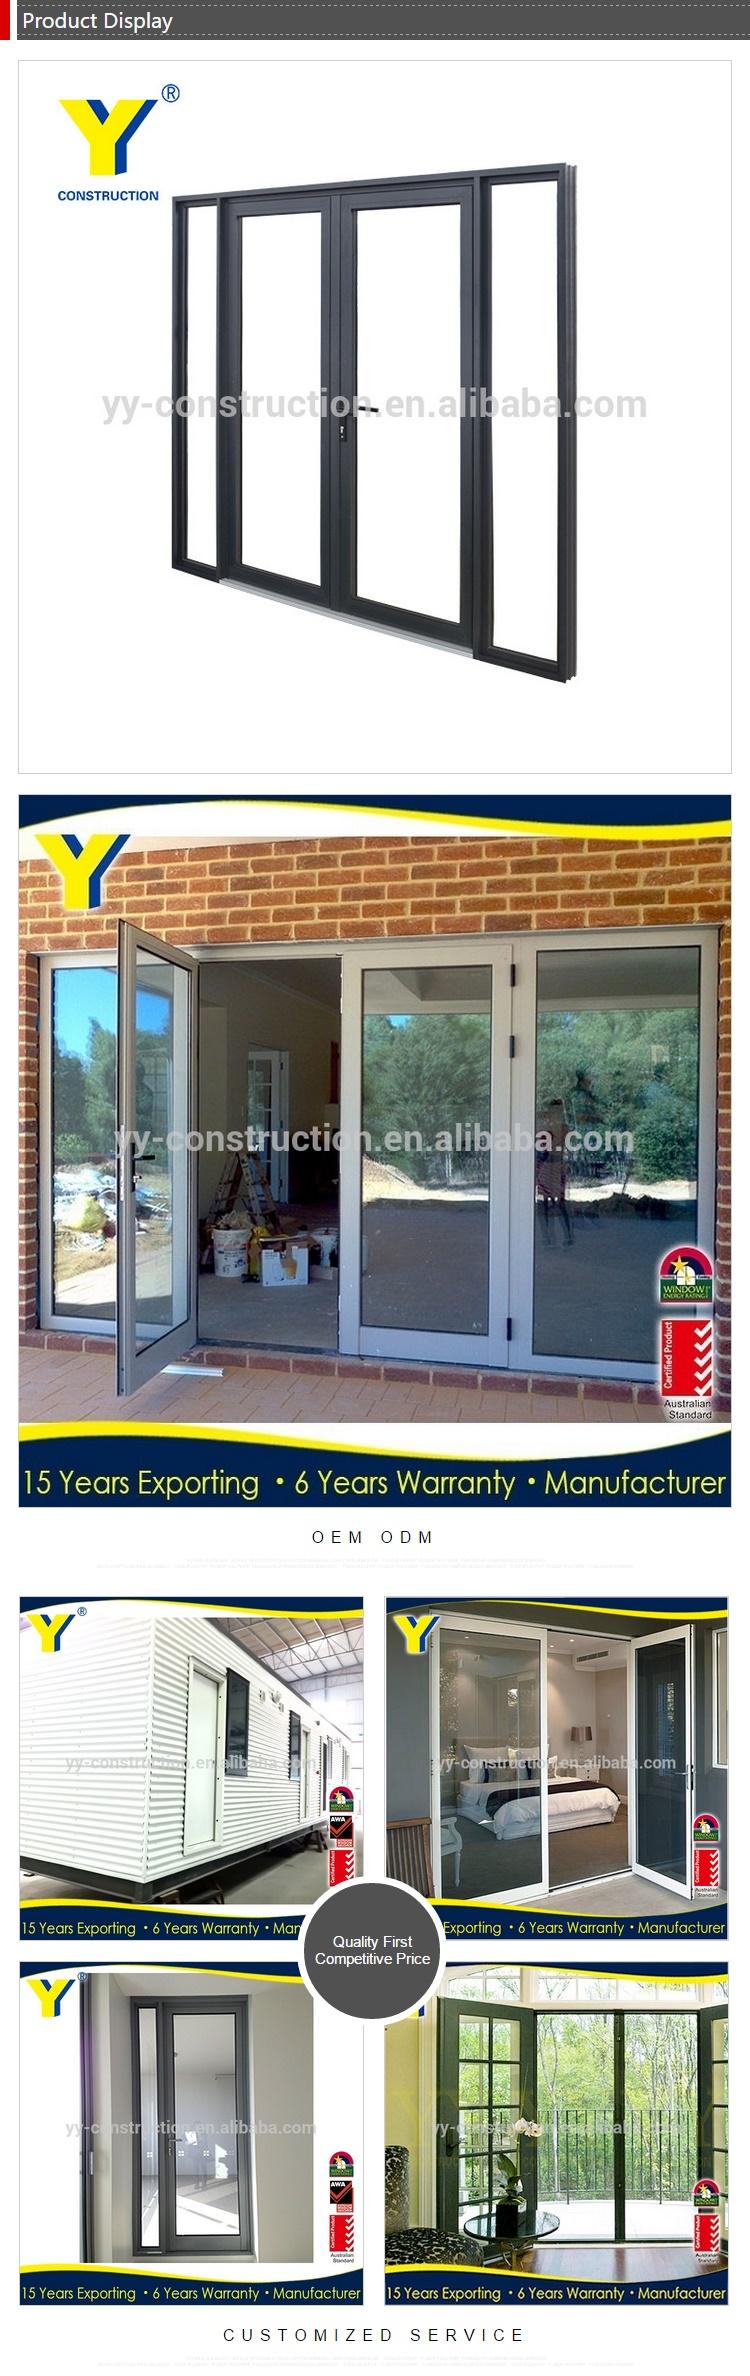 Porte Verriere Interieure Occasion portes et fenêtres en aluminium standard au | porte vitrée d'entrée de  bureau | portes extérieures d'occasion À vendre-portes françaises  extérieures